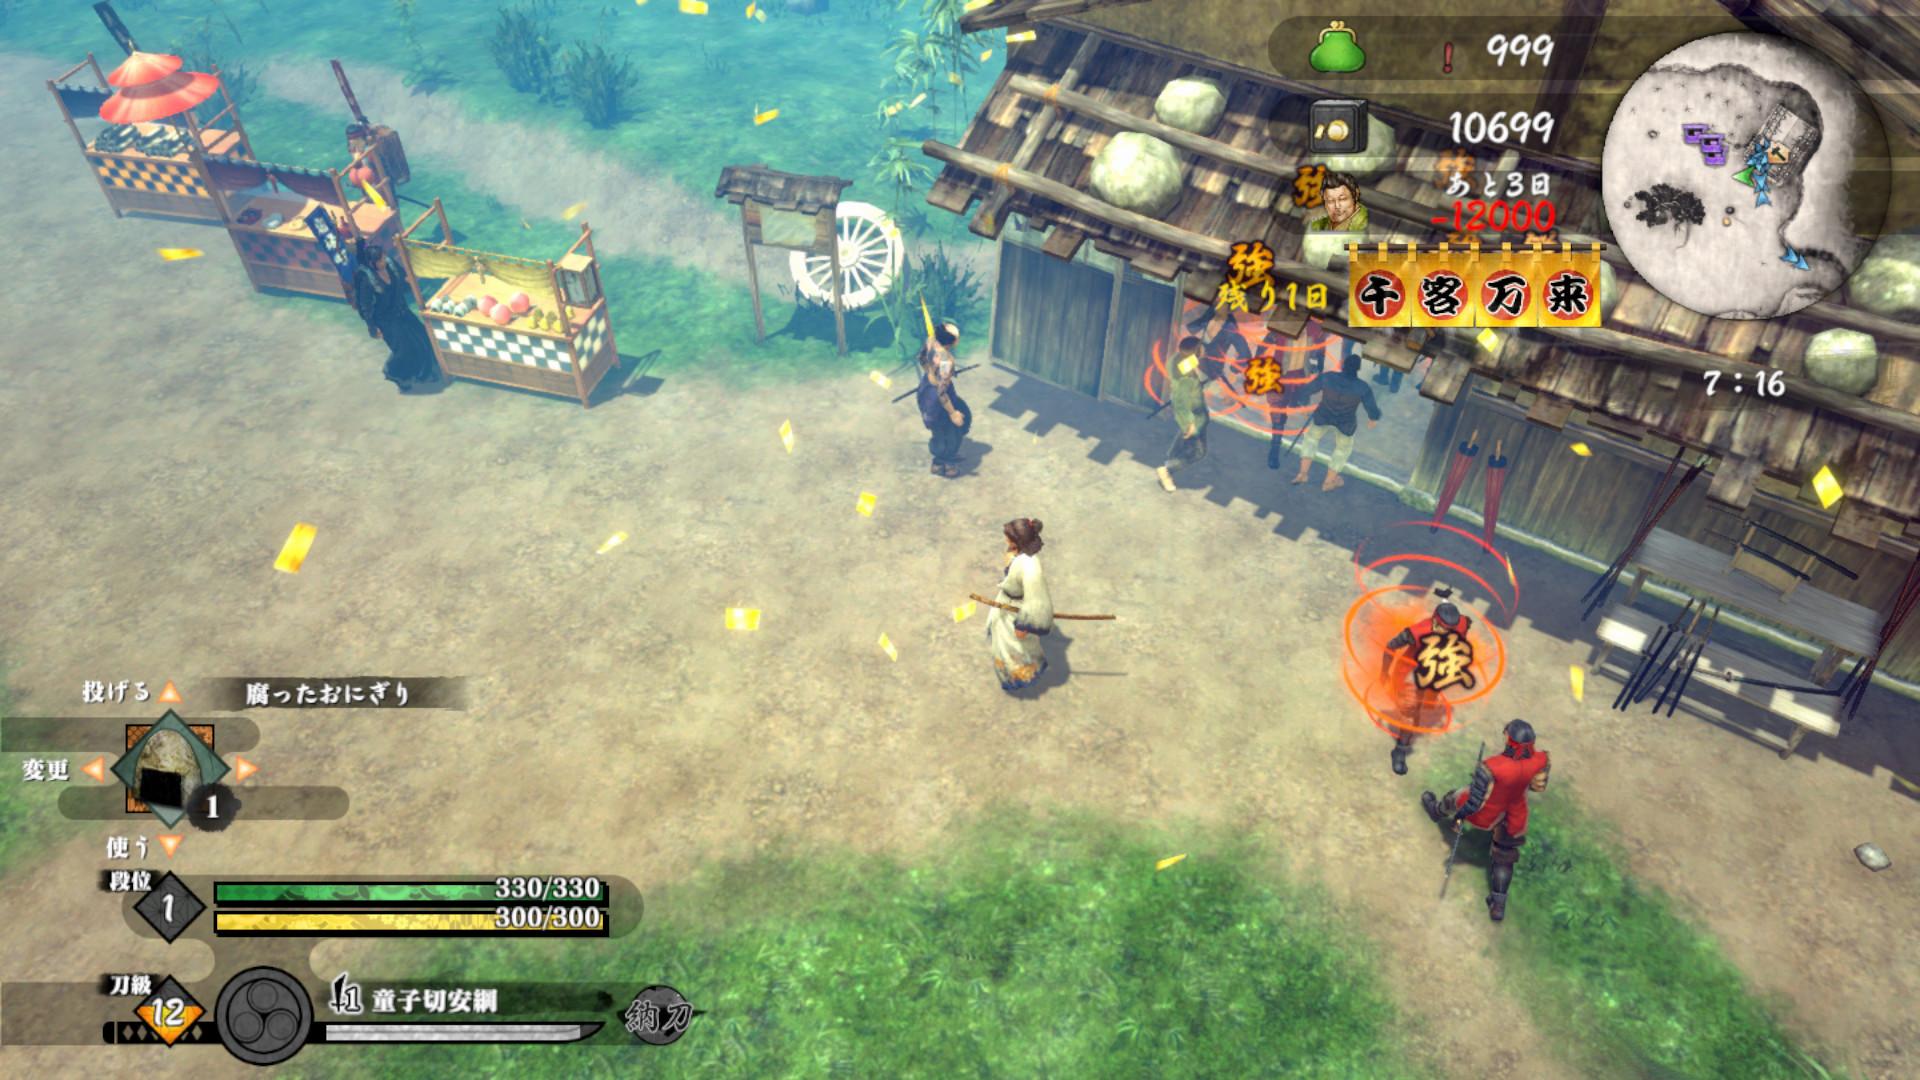 侍 道 外伝 刀 神 RPG「侍道外伝 KATANAKAMI(刀神)」の攻略情報サイト